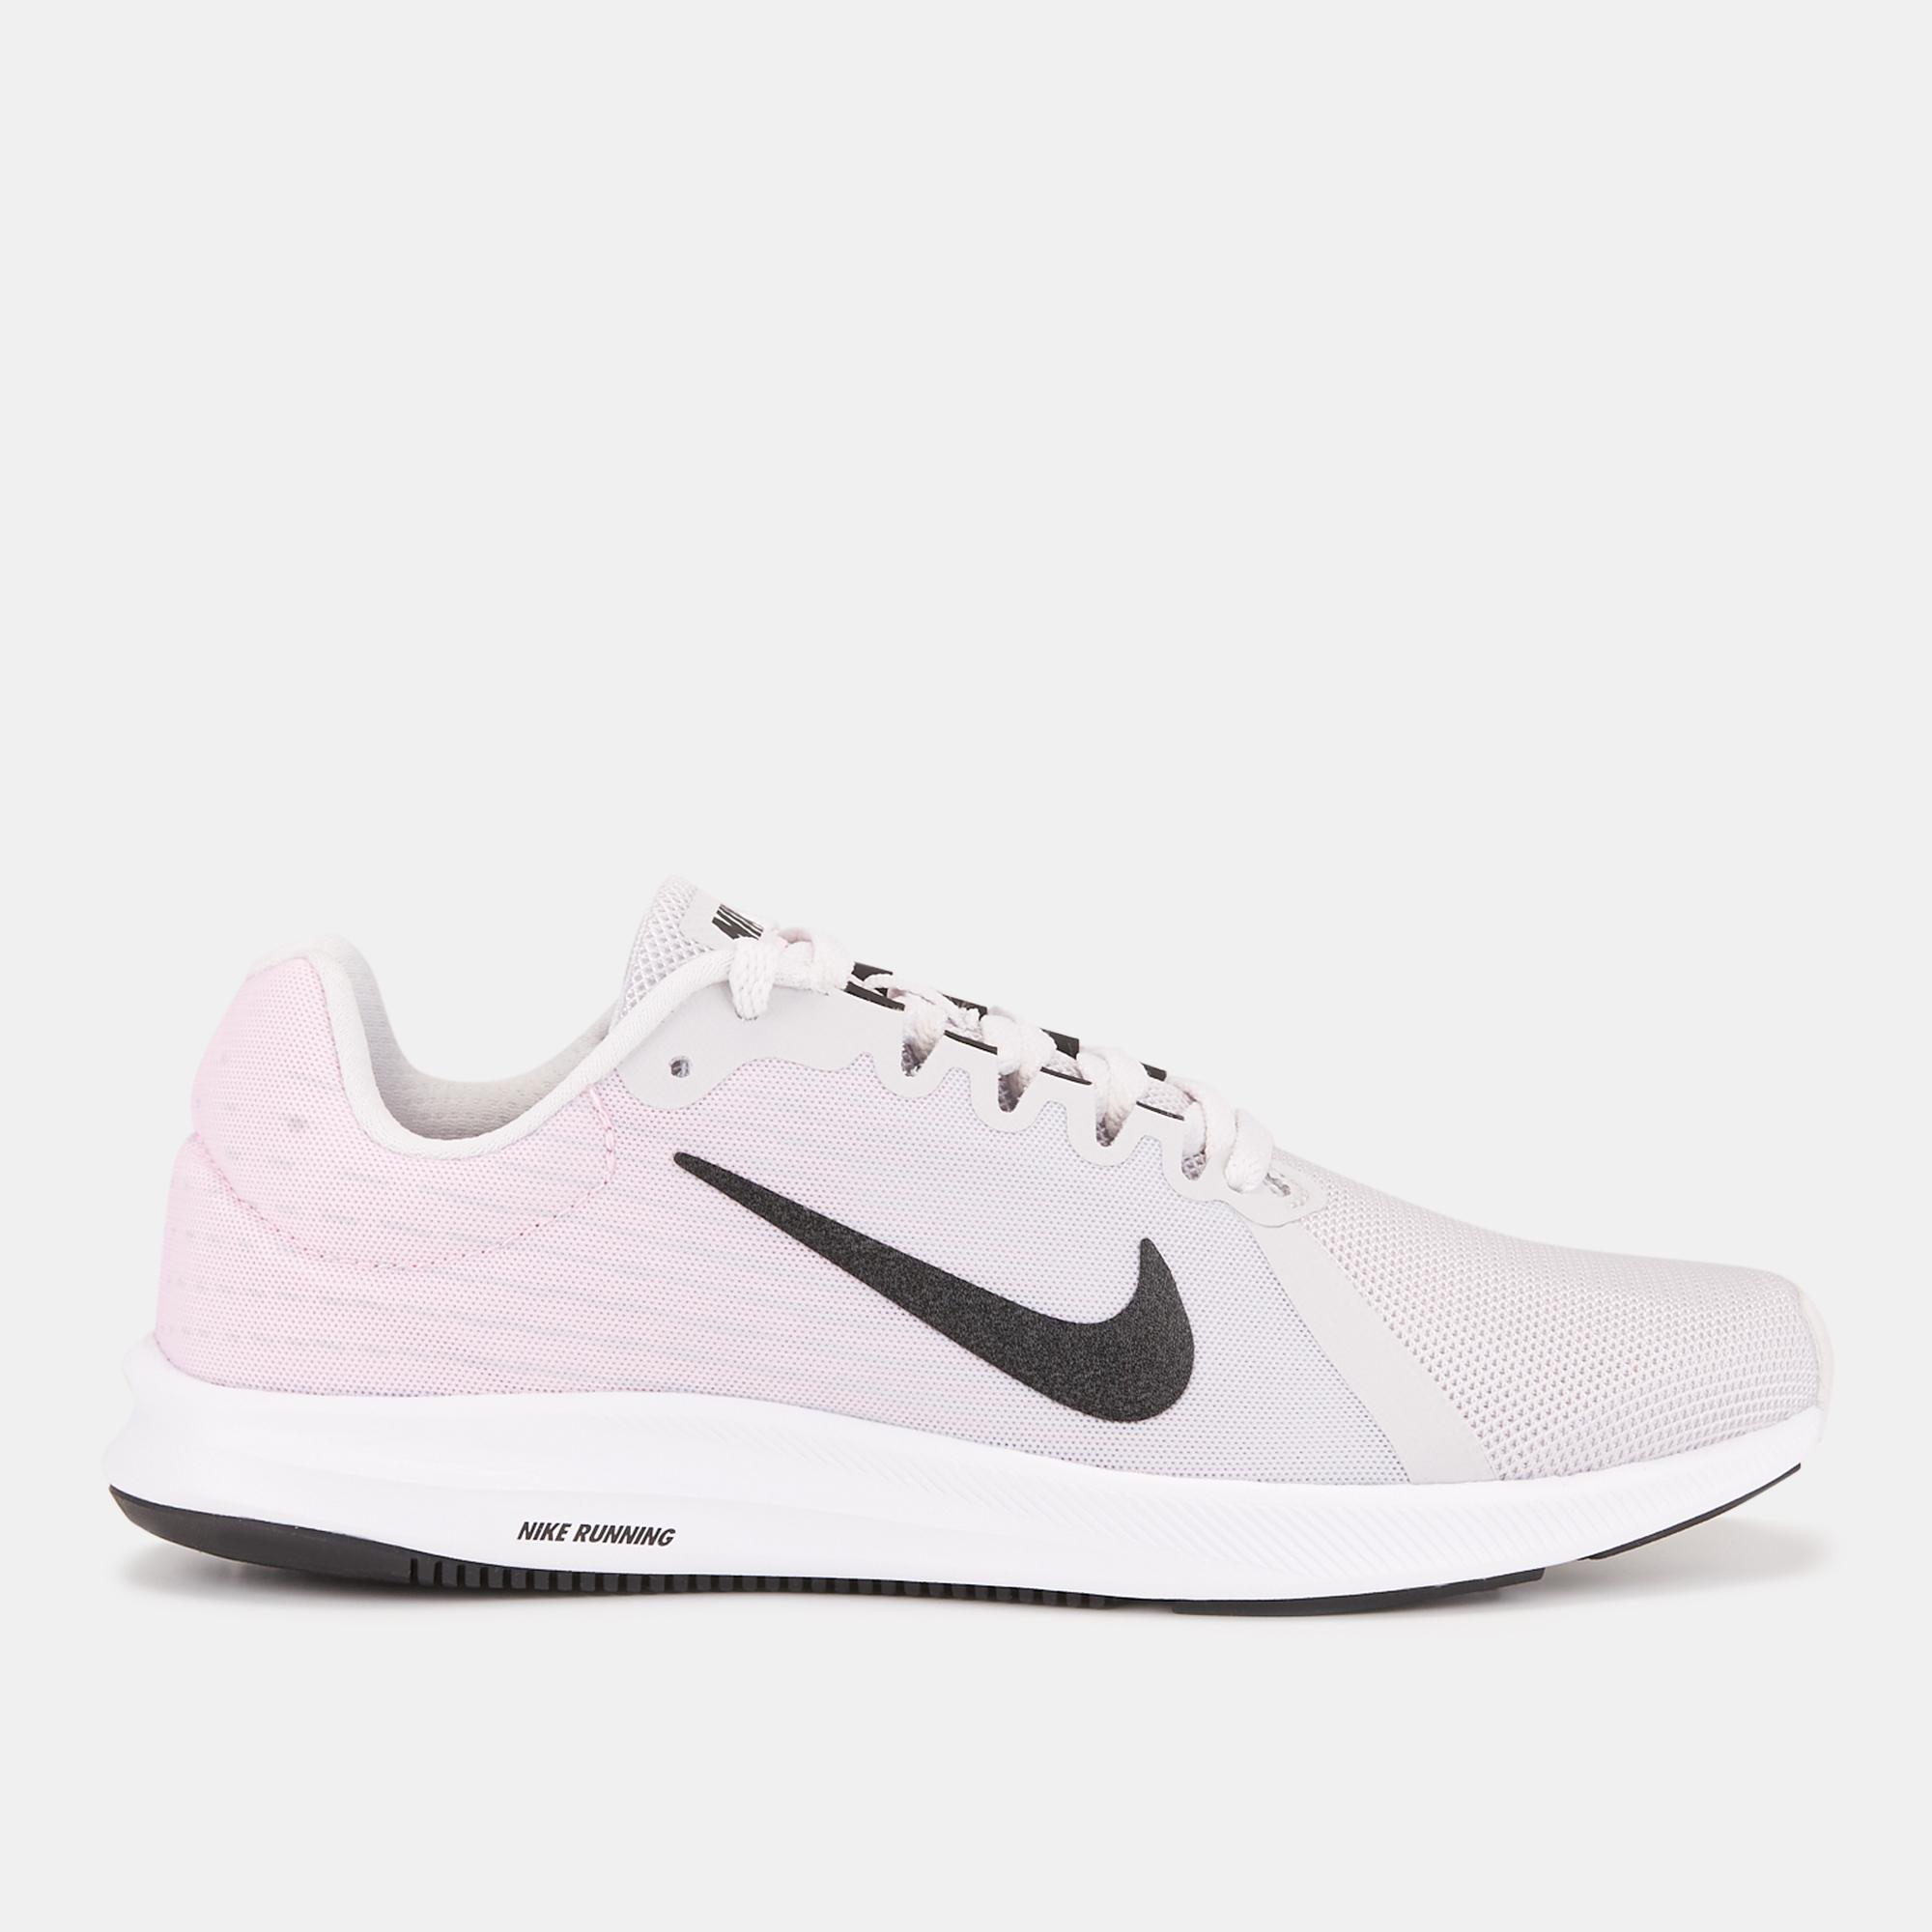 Nike Women's Downshifter 8 Running Shoes